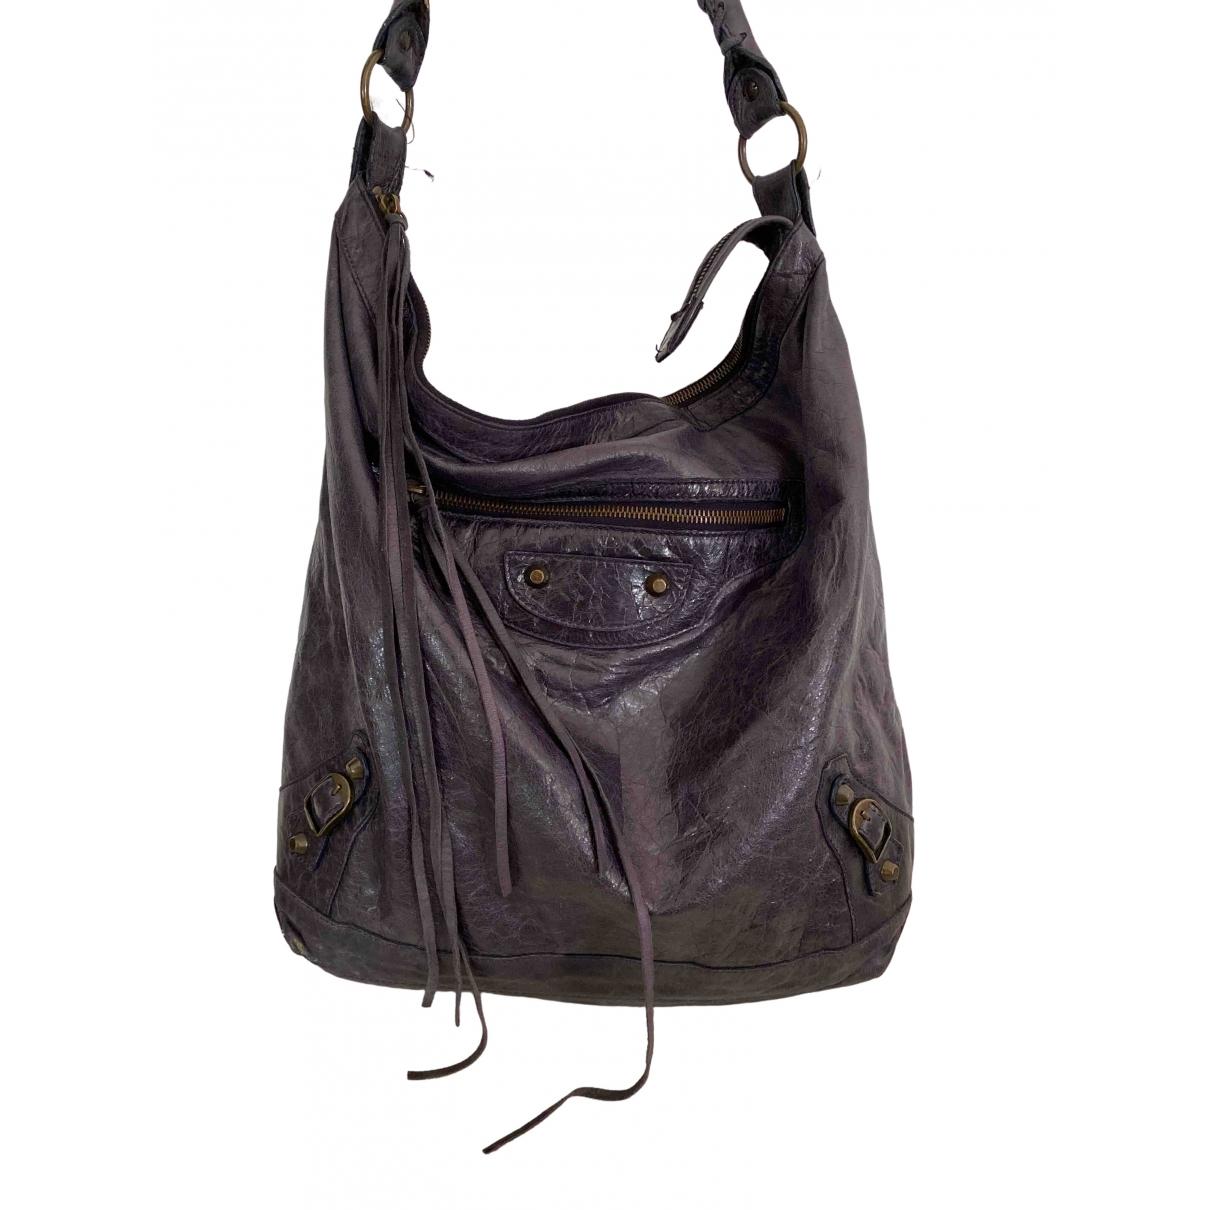 Balenciaga Day  Handtasche in  Lila Leder